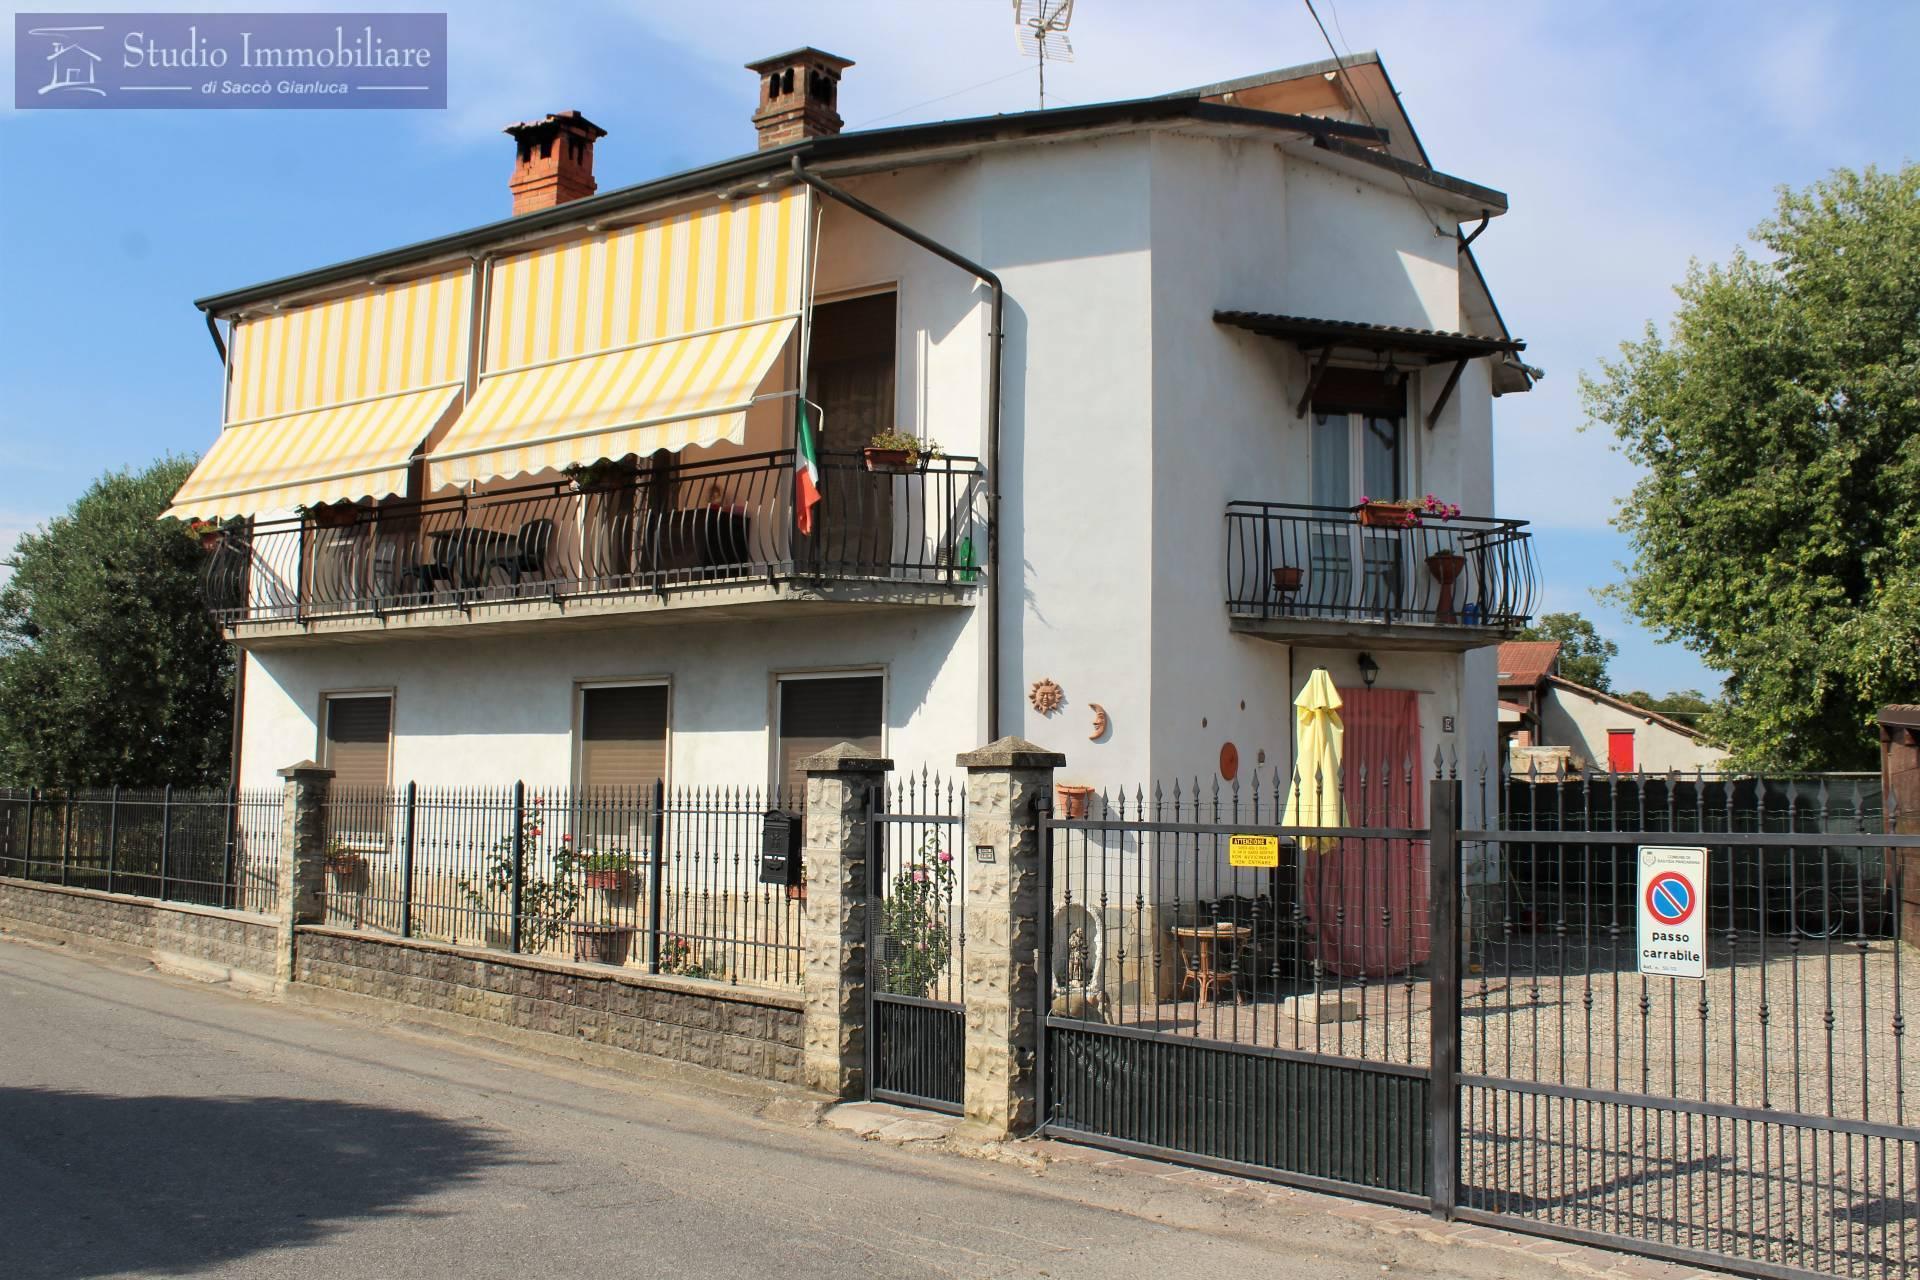 Villa in vendita a Bastida Pancarana, 6 locali, prezzo € 148.000 | CambioCasa.it